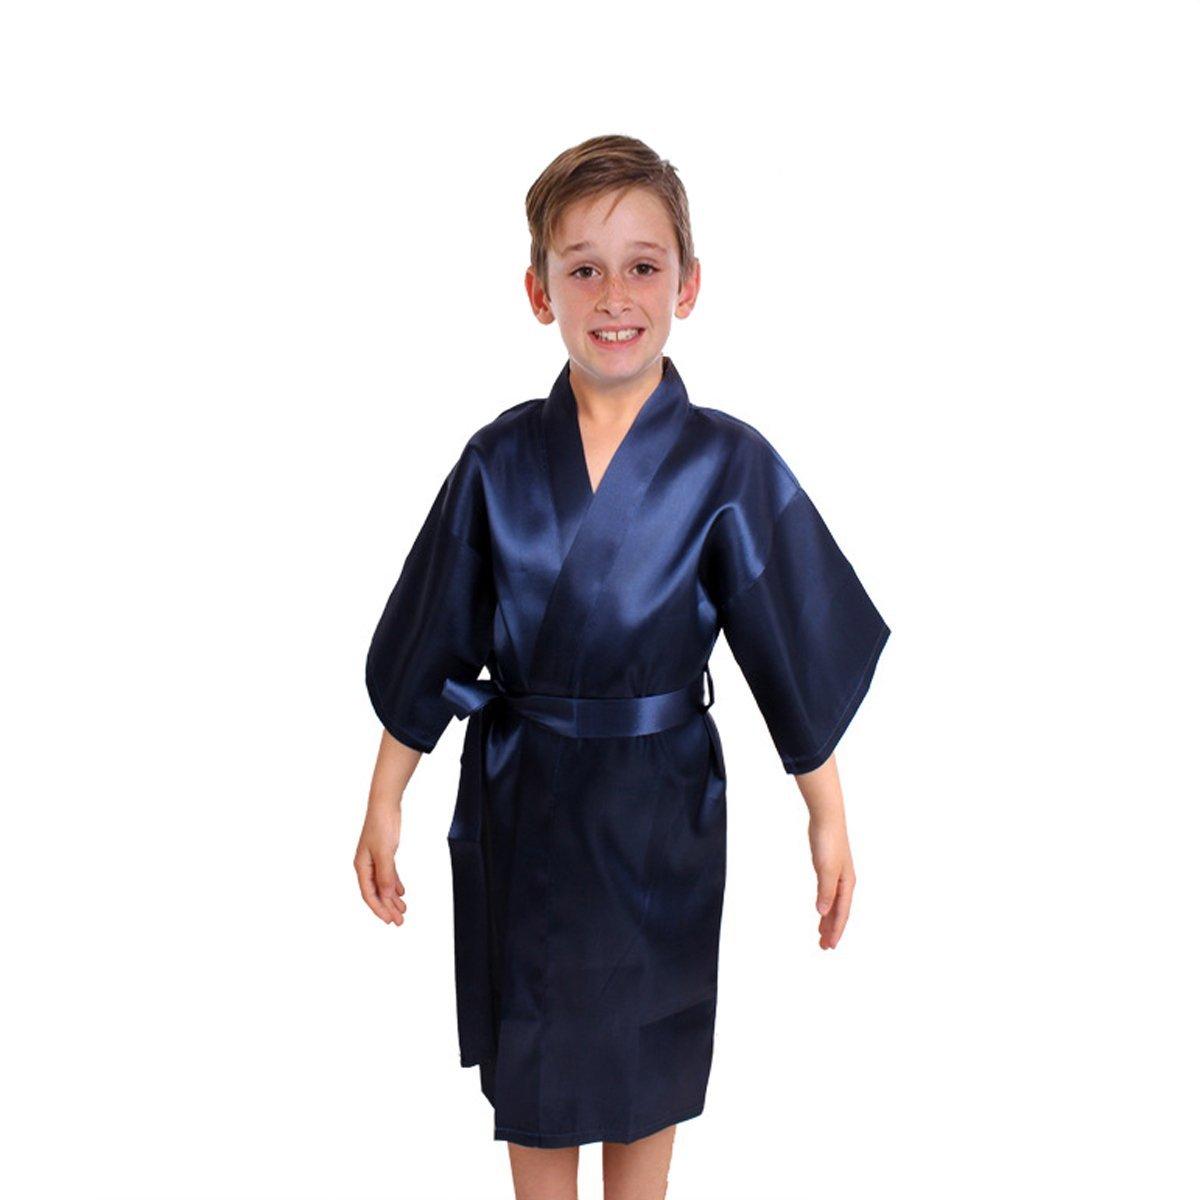 Kids Satin Rayon Kimono Robe Bathrobe Nightgown For Spa Party Wedding Birthday (8, Deep Blue)